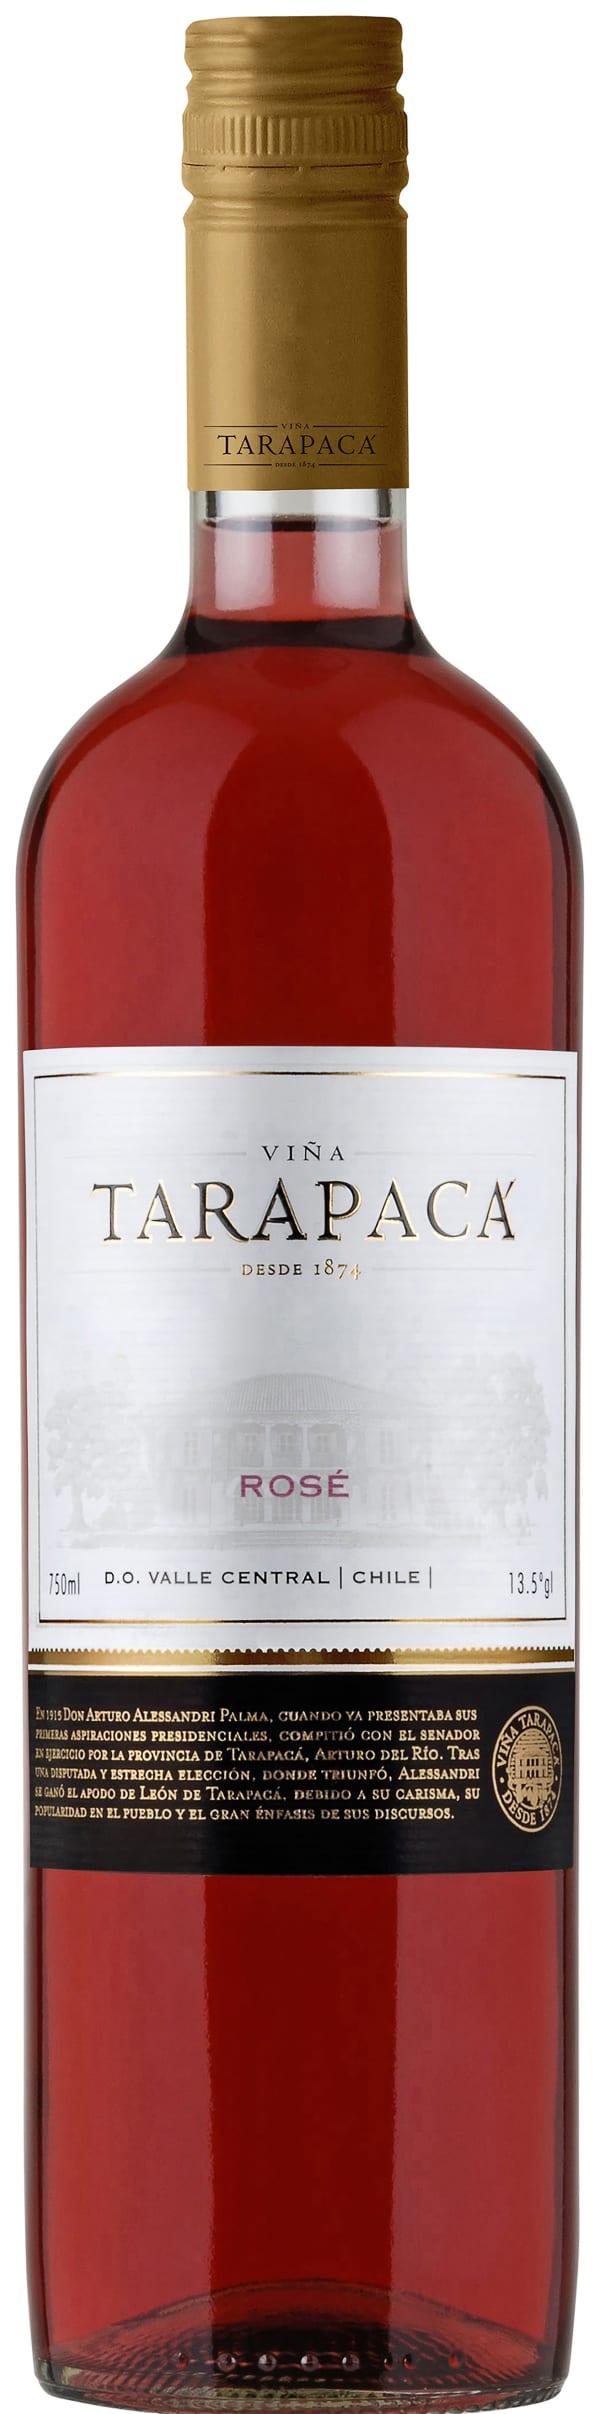 Tarapacá Rosé 2015